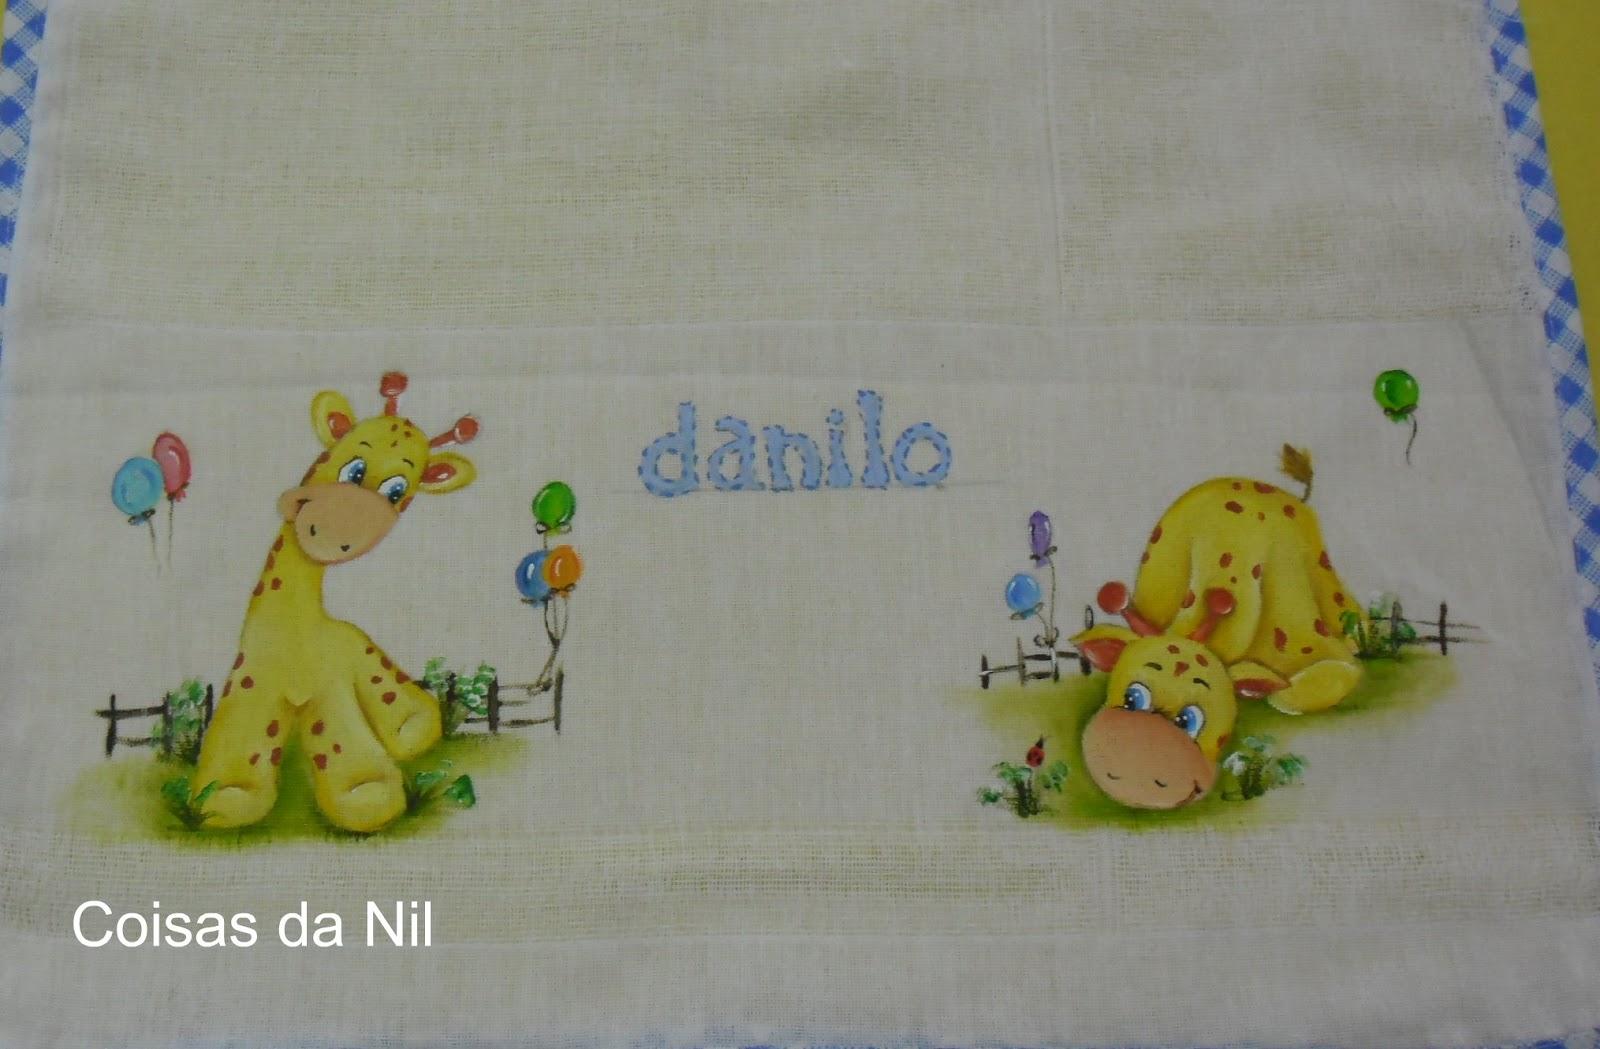 Populares Coisas da Nil - Pintura em tecido: Girafas. GS94